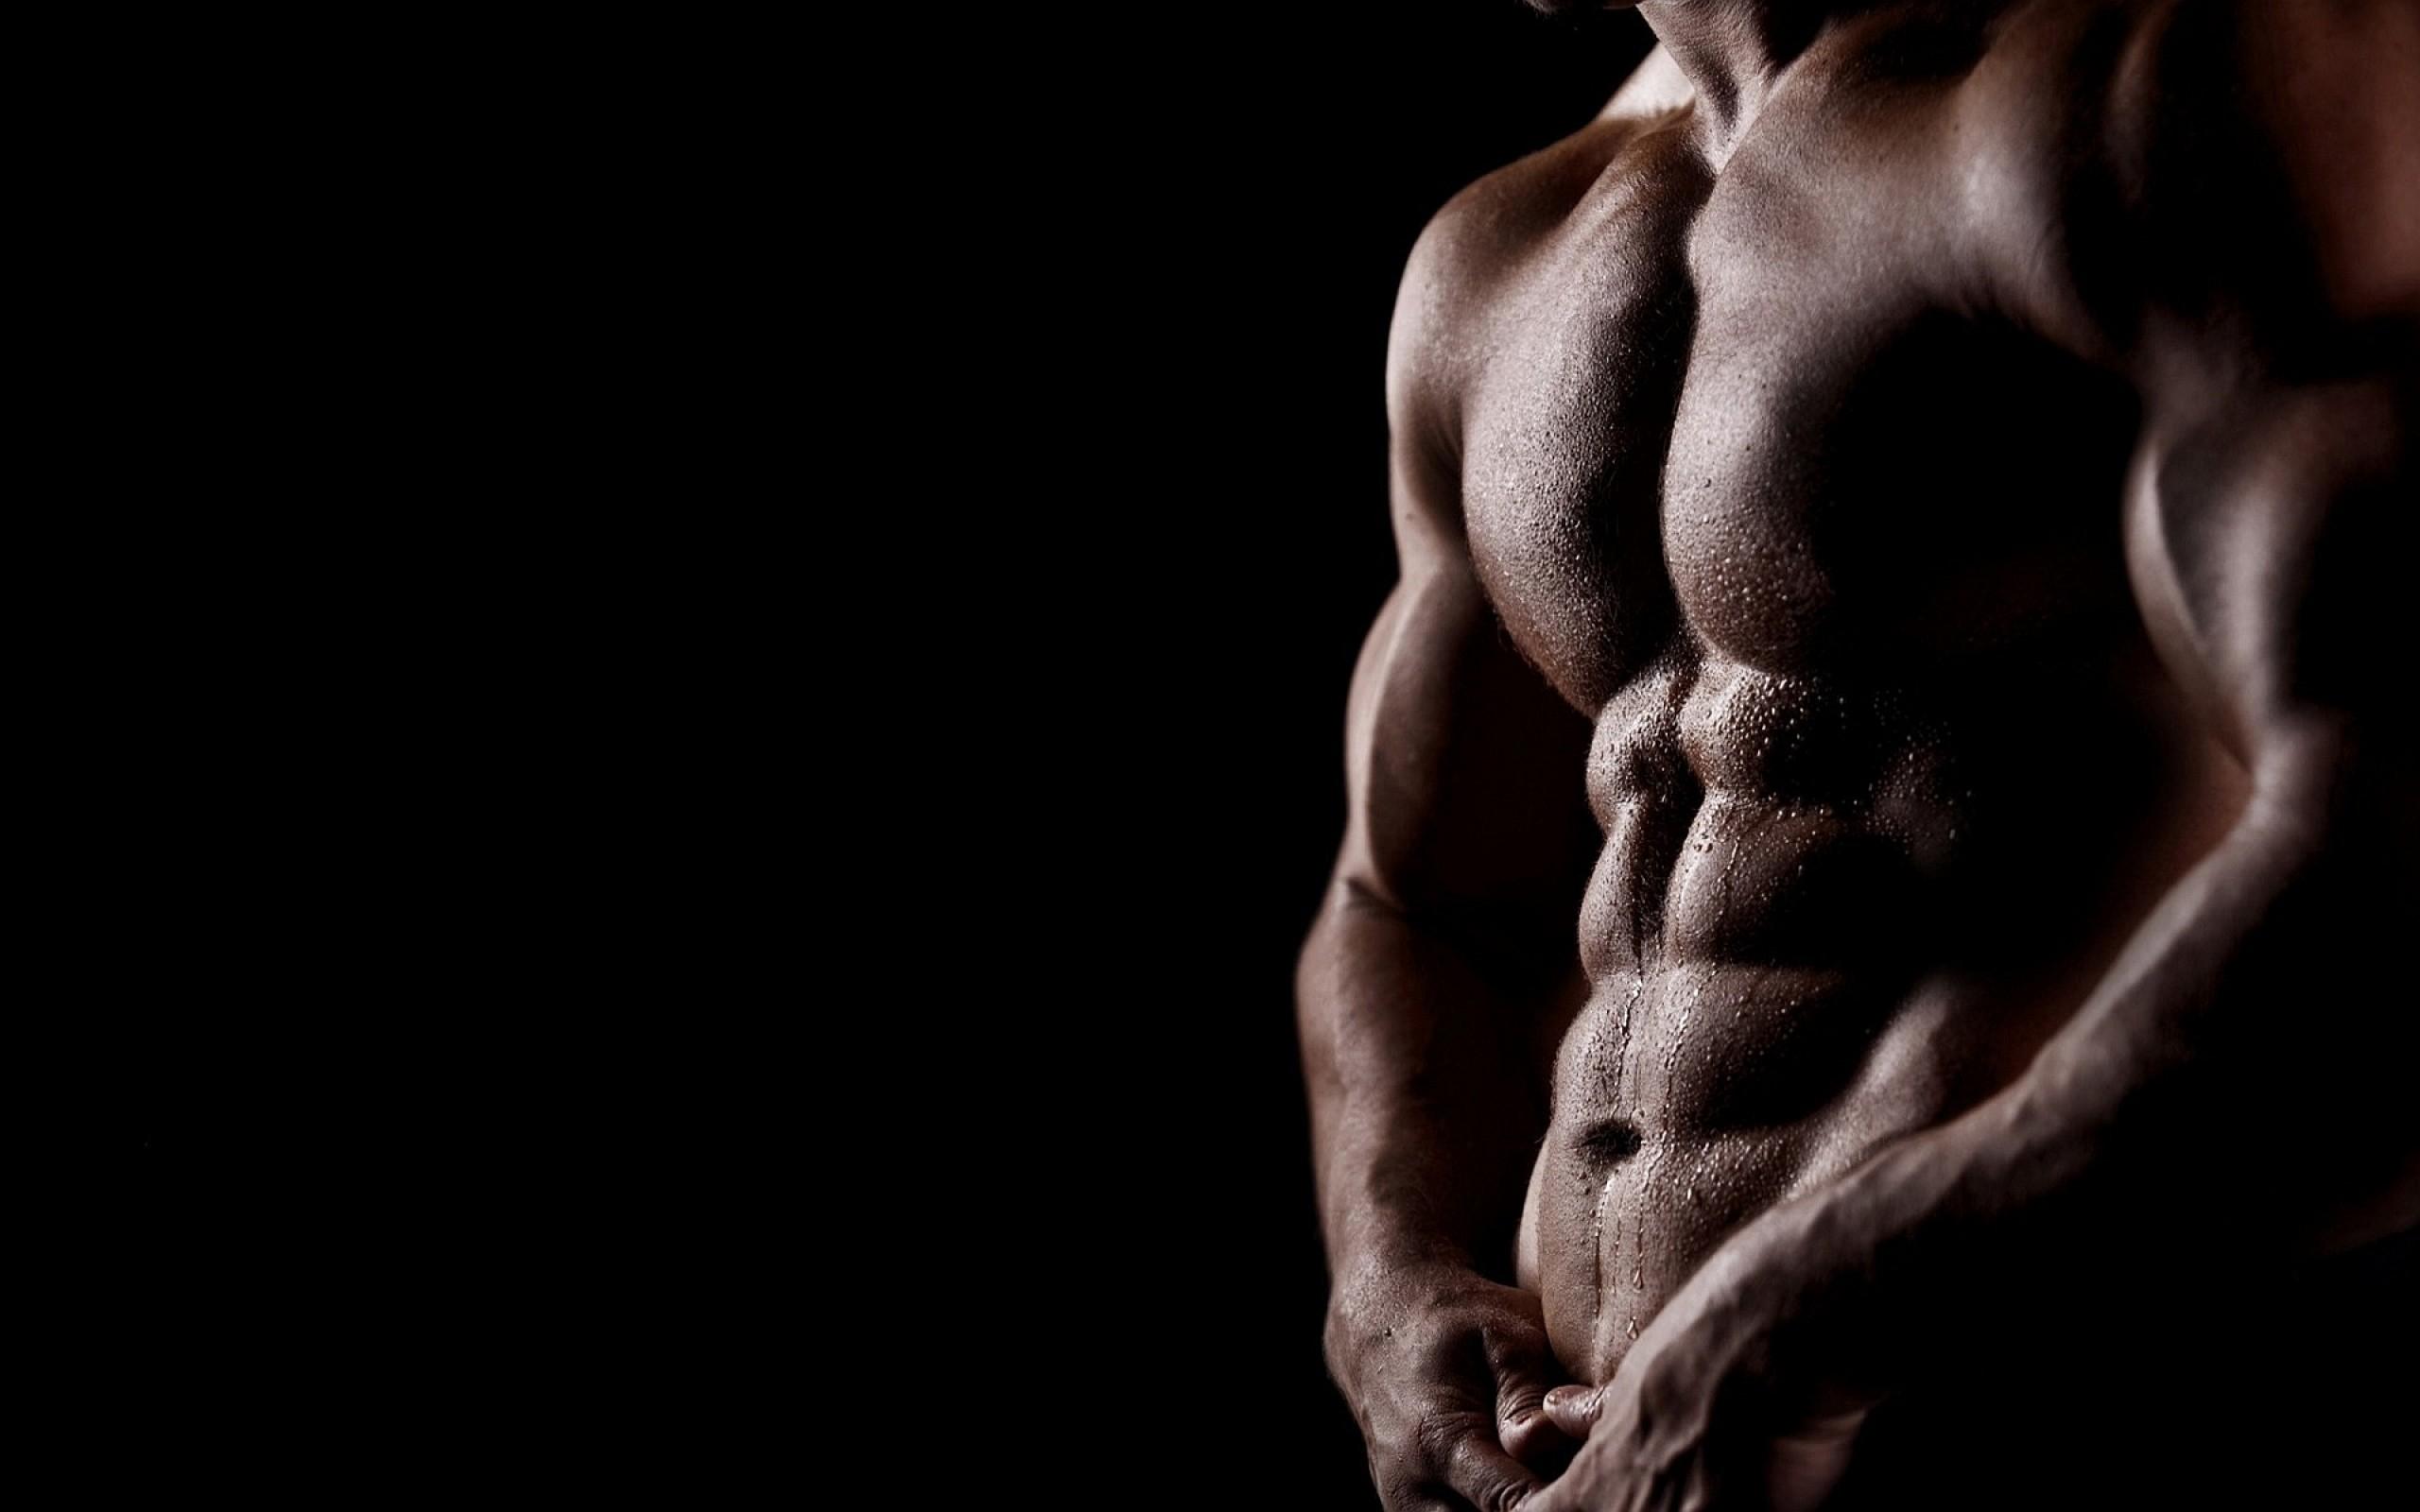 Почему растет грудь у мужчин?